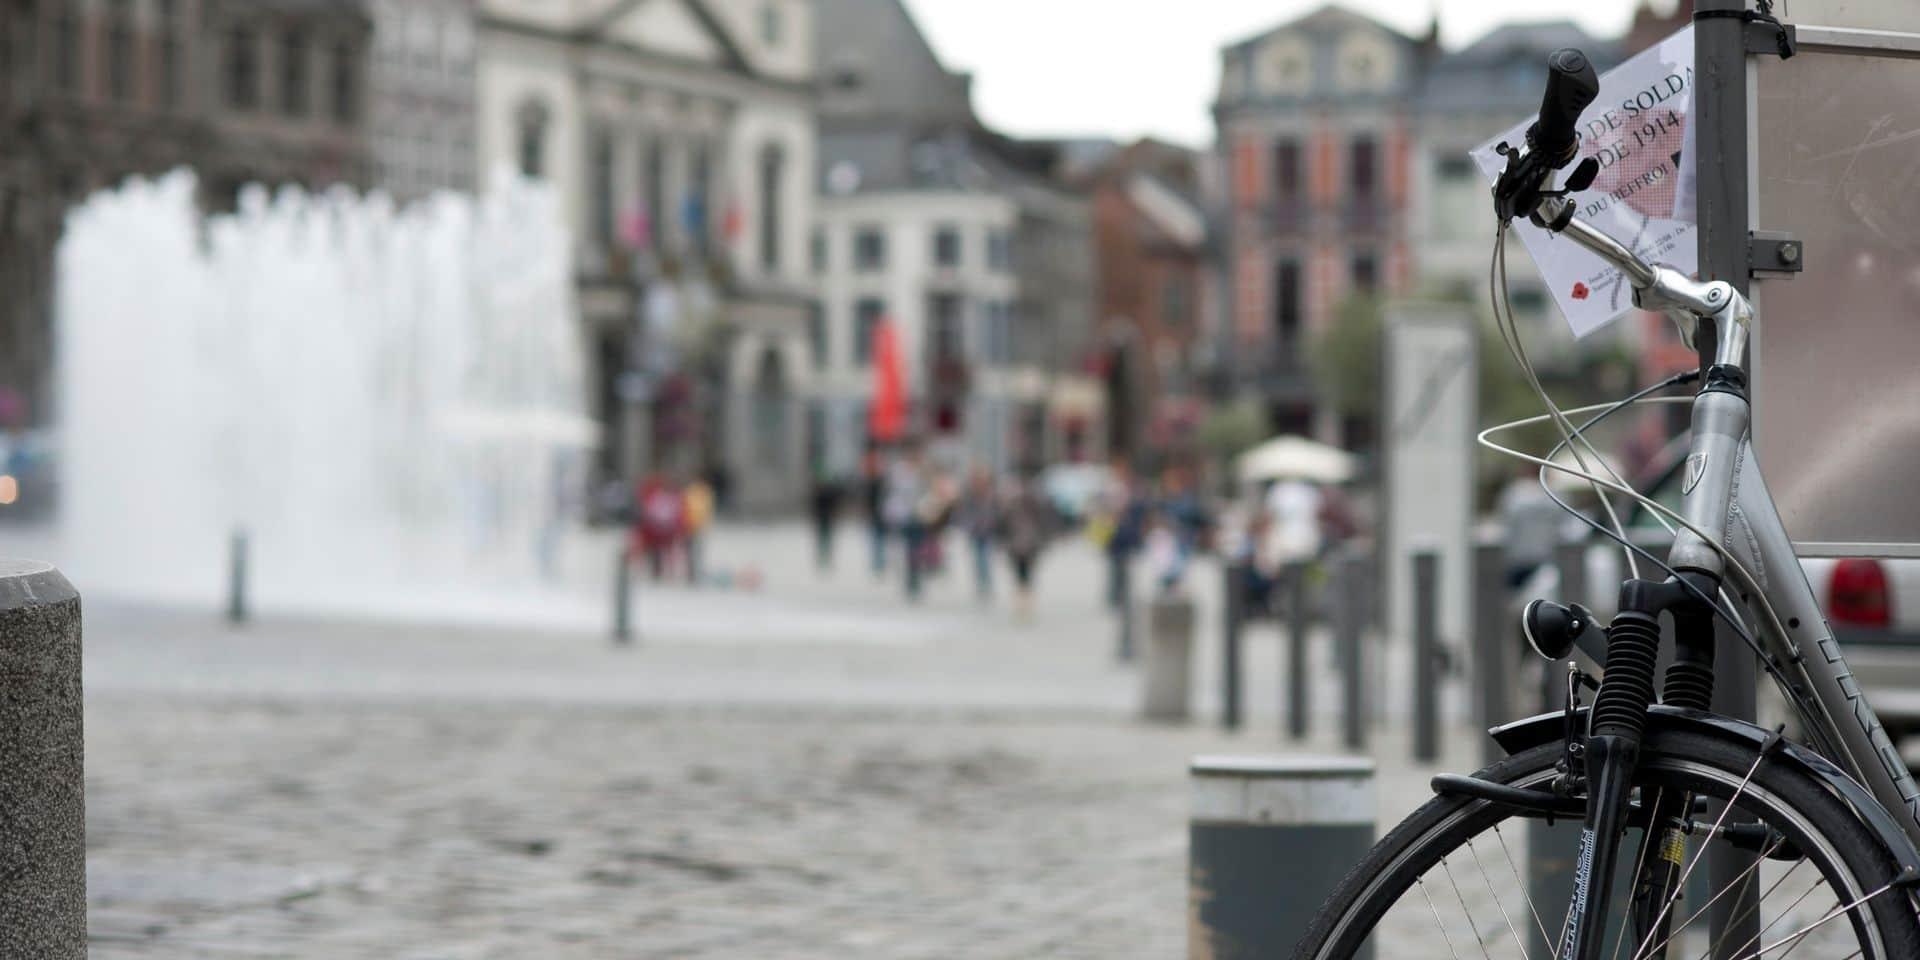 Mons: Le relais rustine? Une forme de clientélisme plutôt gonflée selon Georges-Louis Bouchez